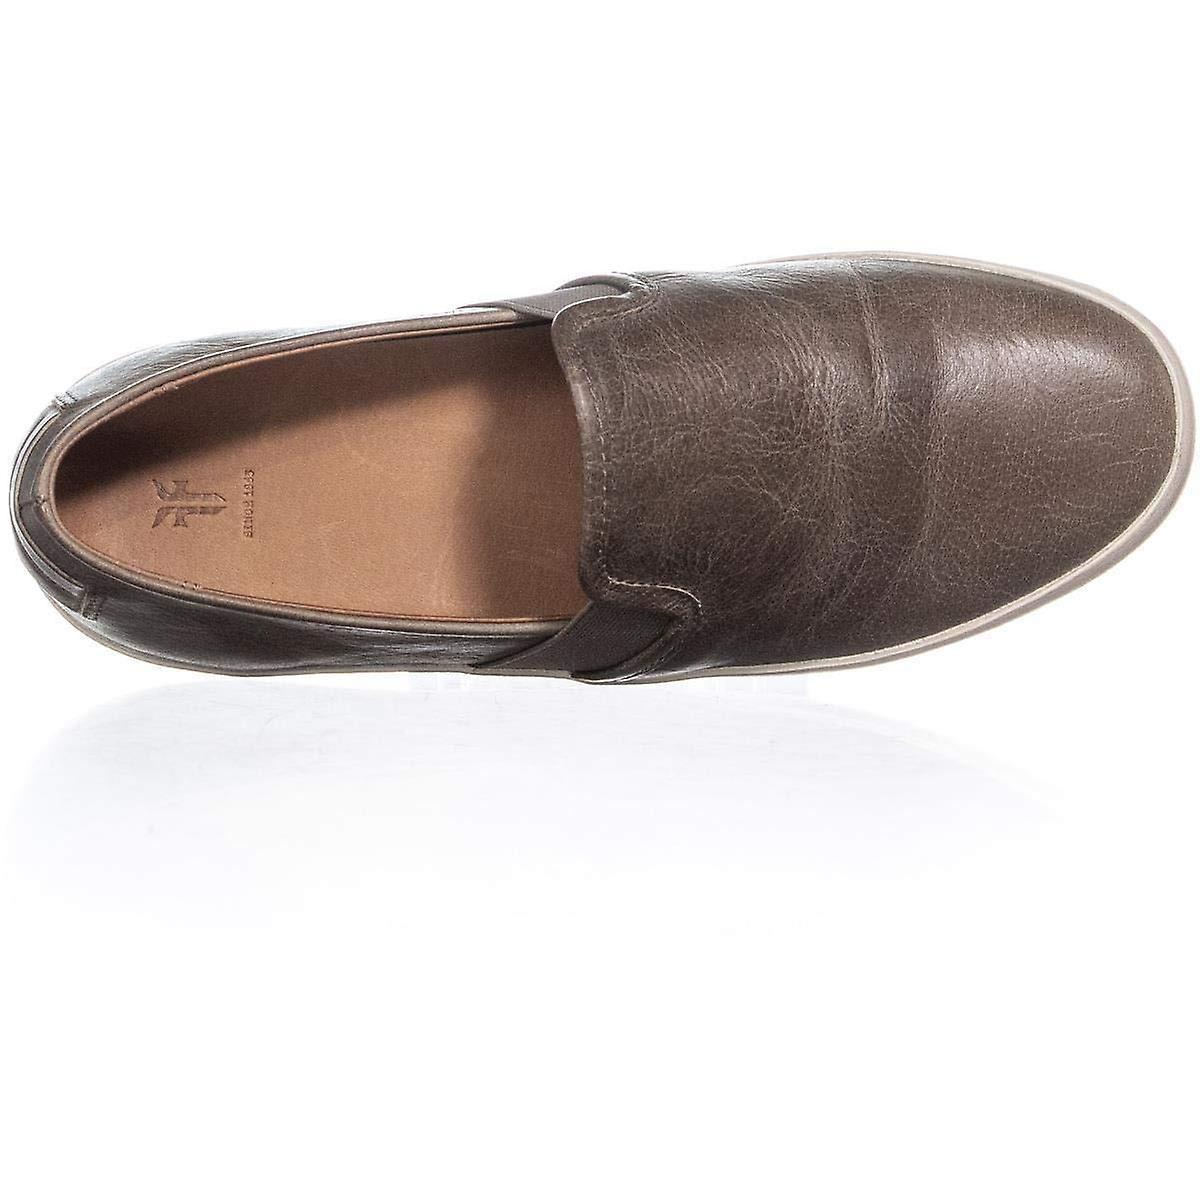 Frye Womens Dylan fermée orteil occasionnels Slide Sandals 73NcJE